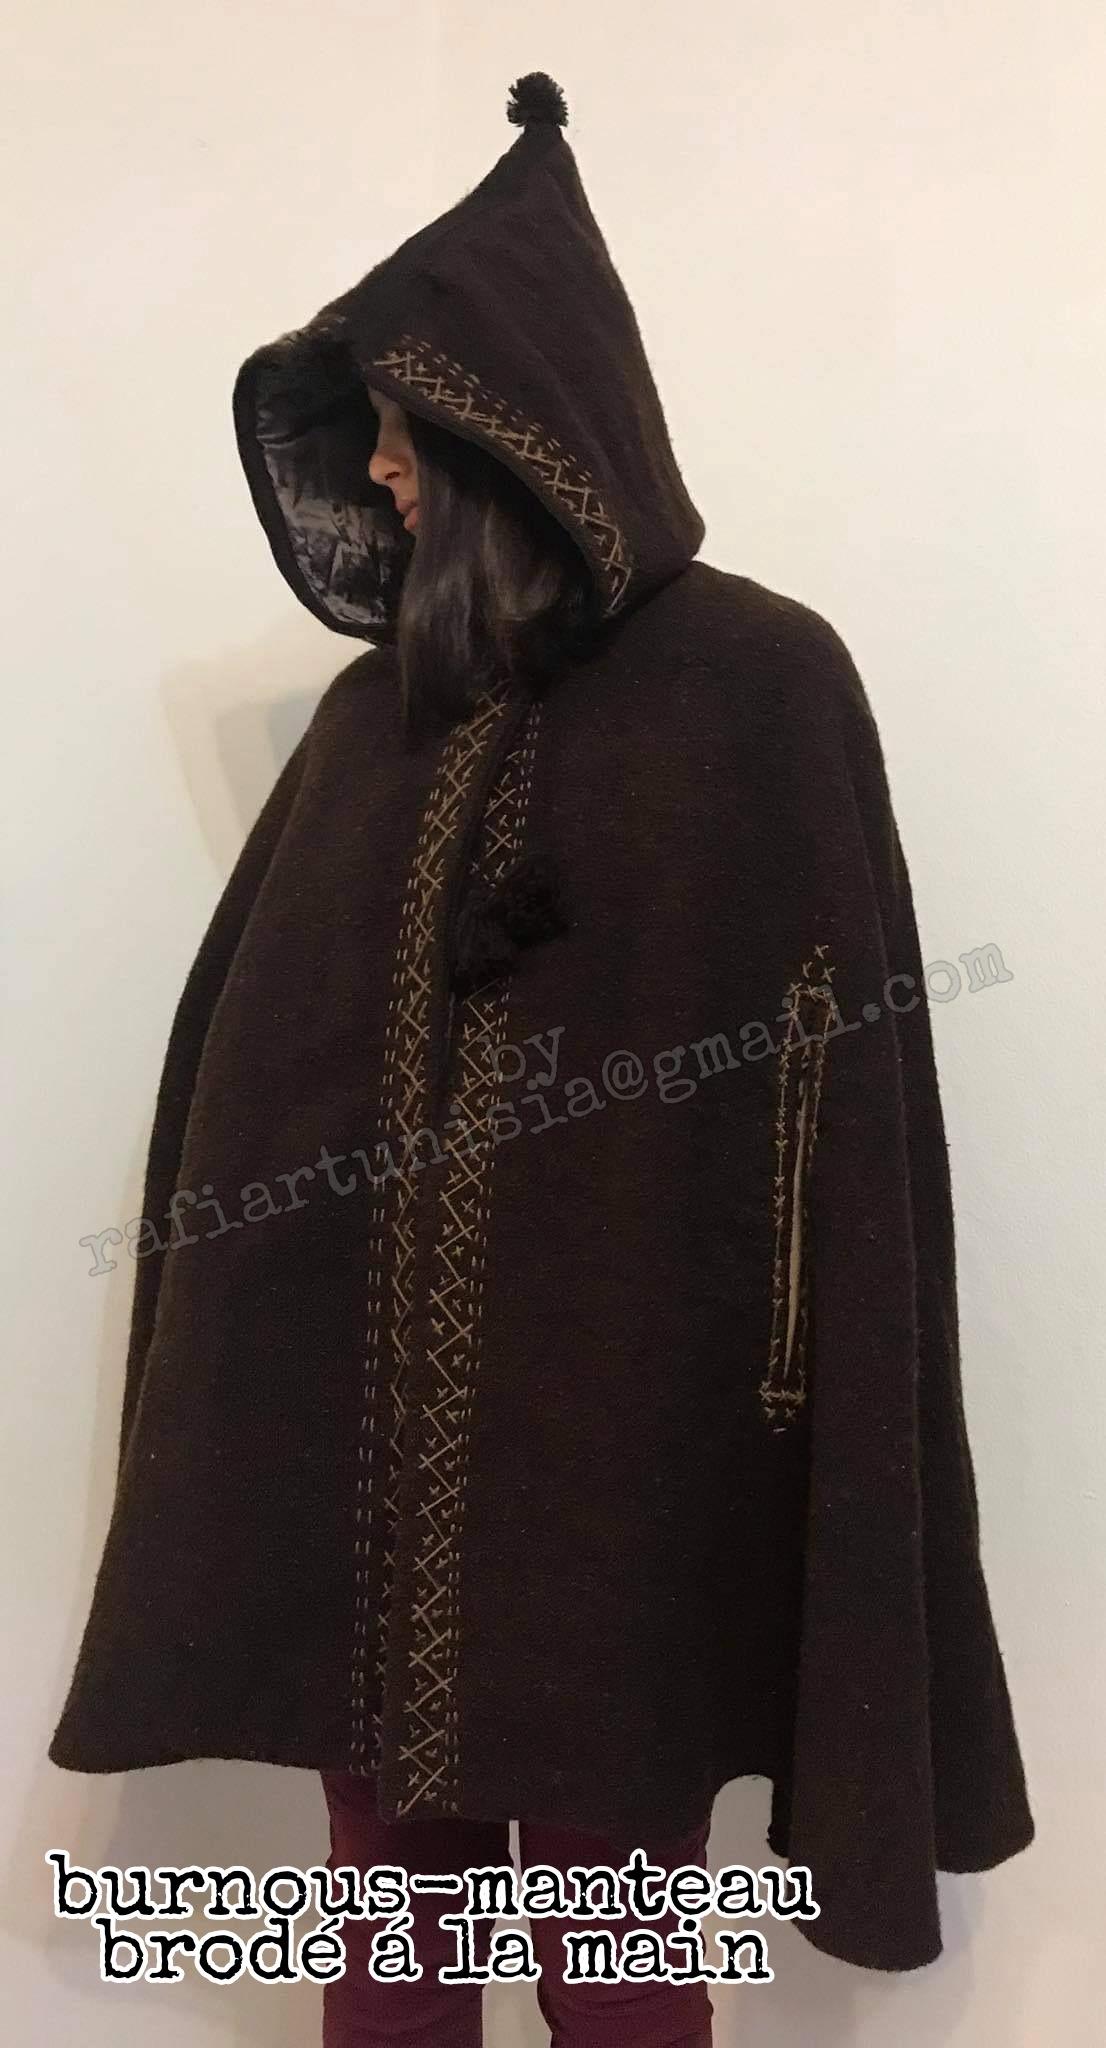 burnous manteau